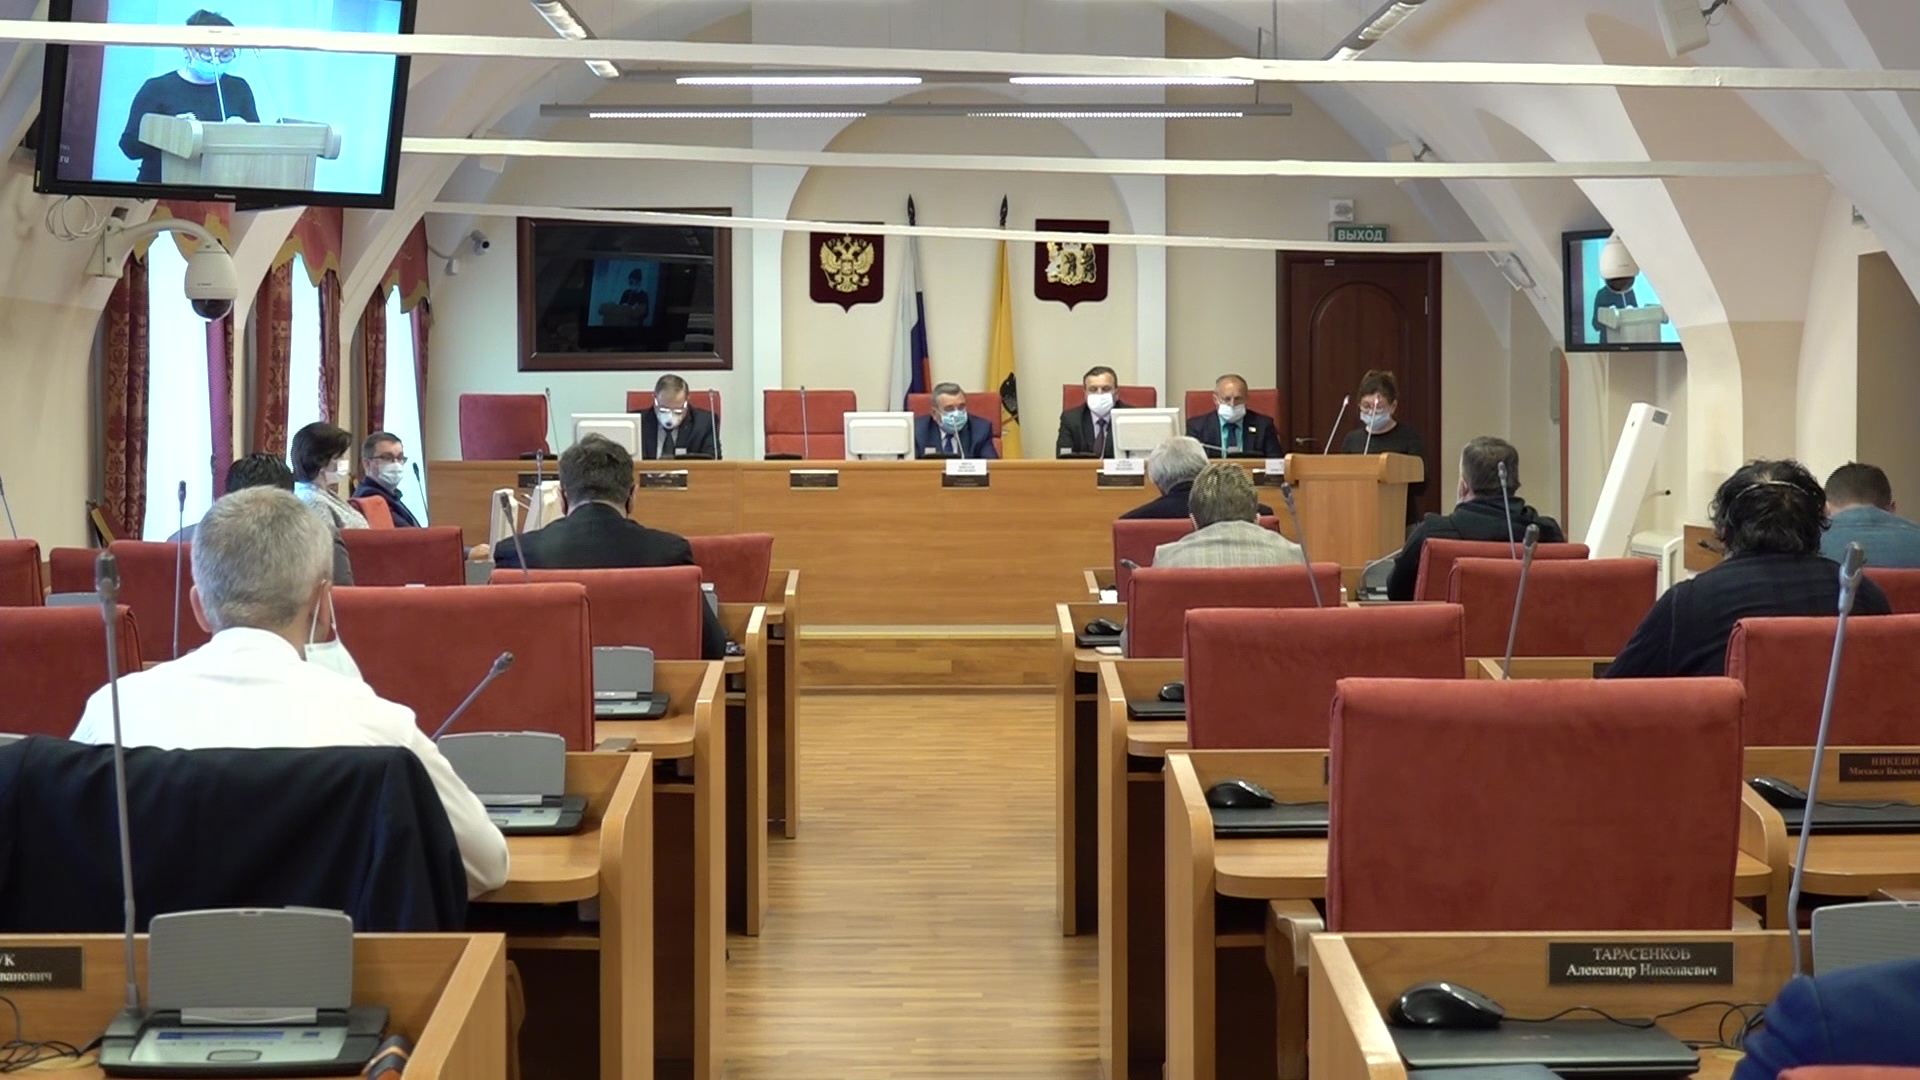 Ярославская область вошла в ТОП-3 по объему ввода жилья среди регионов ЦФО